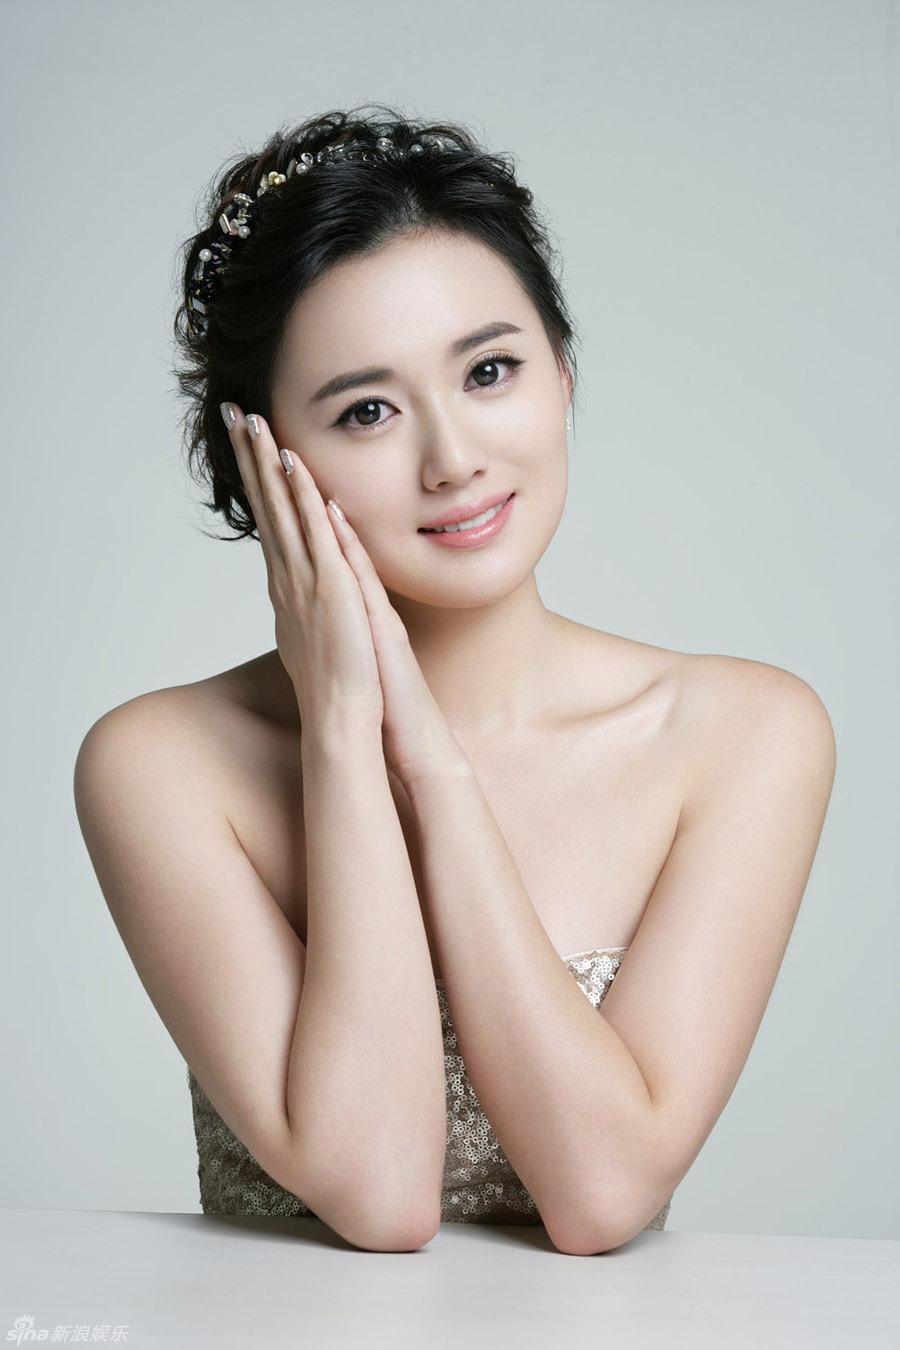 http://www.sinaimg.cn/dy/slidenews/4_img/2013_19/704_957915_507277.jpg